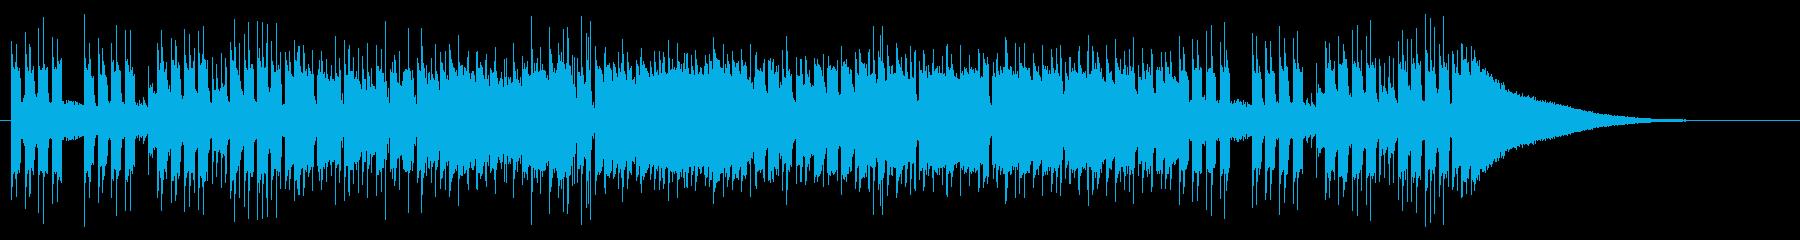 クールでアップテンポなギターポップの再生済みの波形